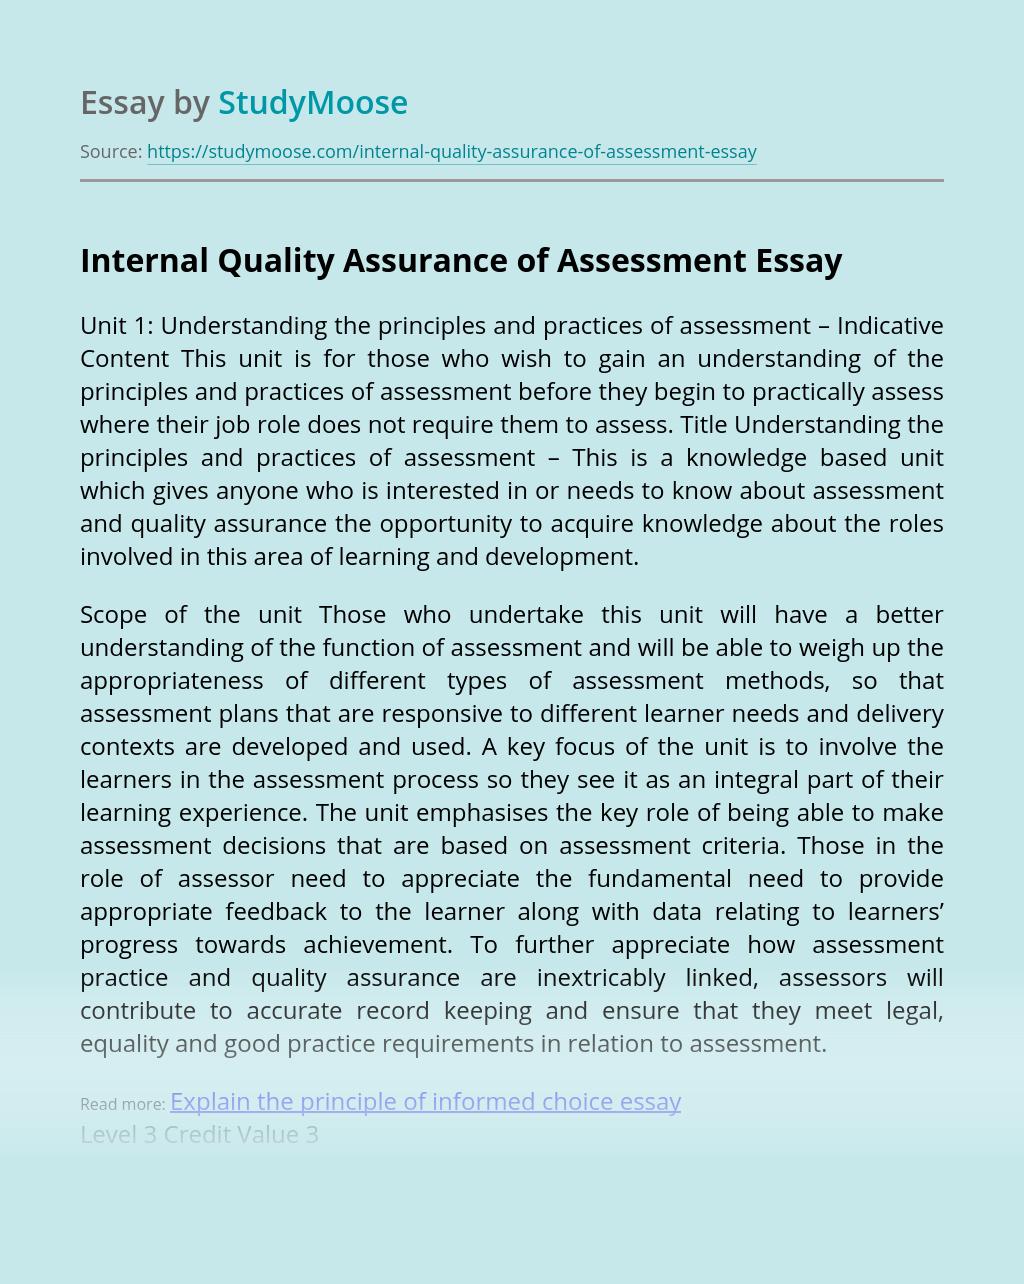 Internal Quality Assurance of Assessment